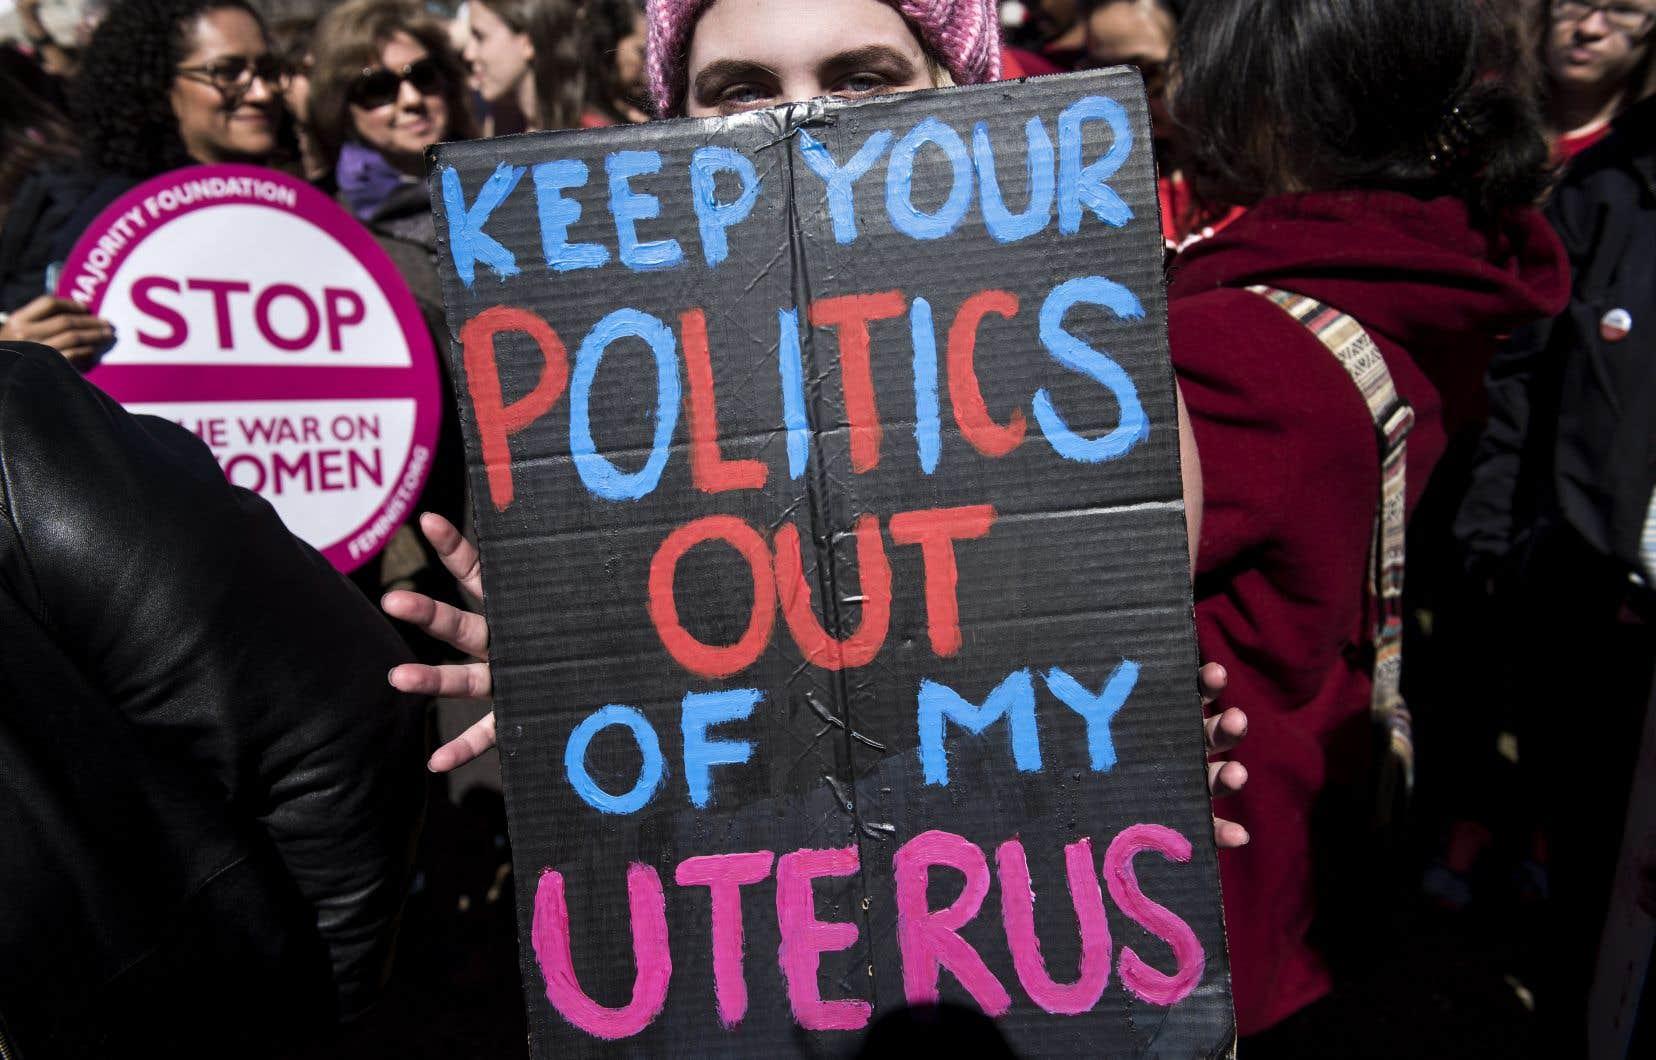 La situation des femmes a été l'un des grands sujets de discussion en 2017 aux États-Unis.